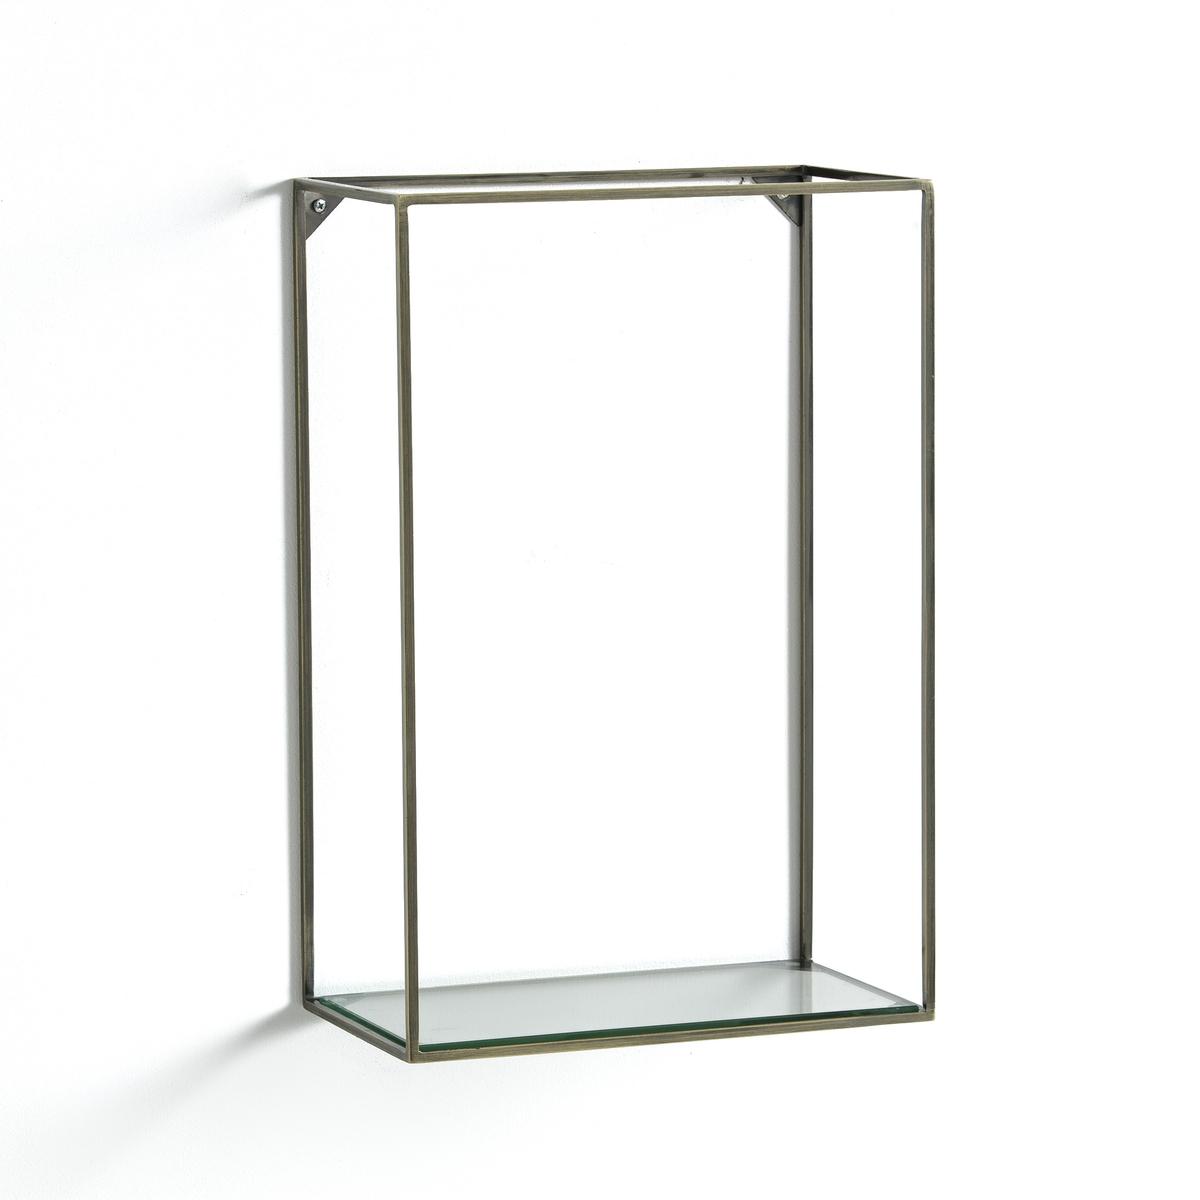 Полка вертикальная из металла и стекла, Oshota полка горизонтальная из металла и стекла oshota